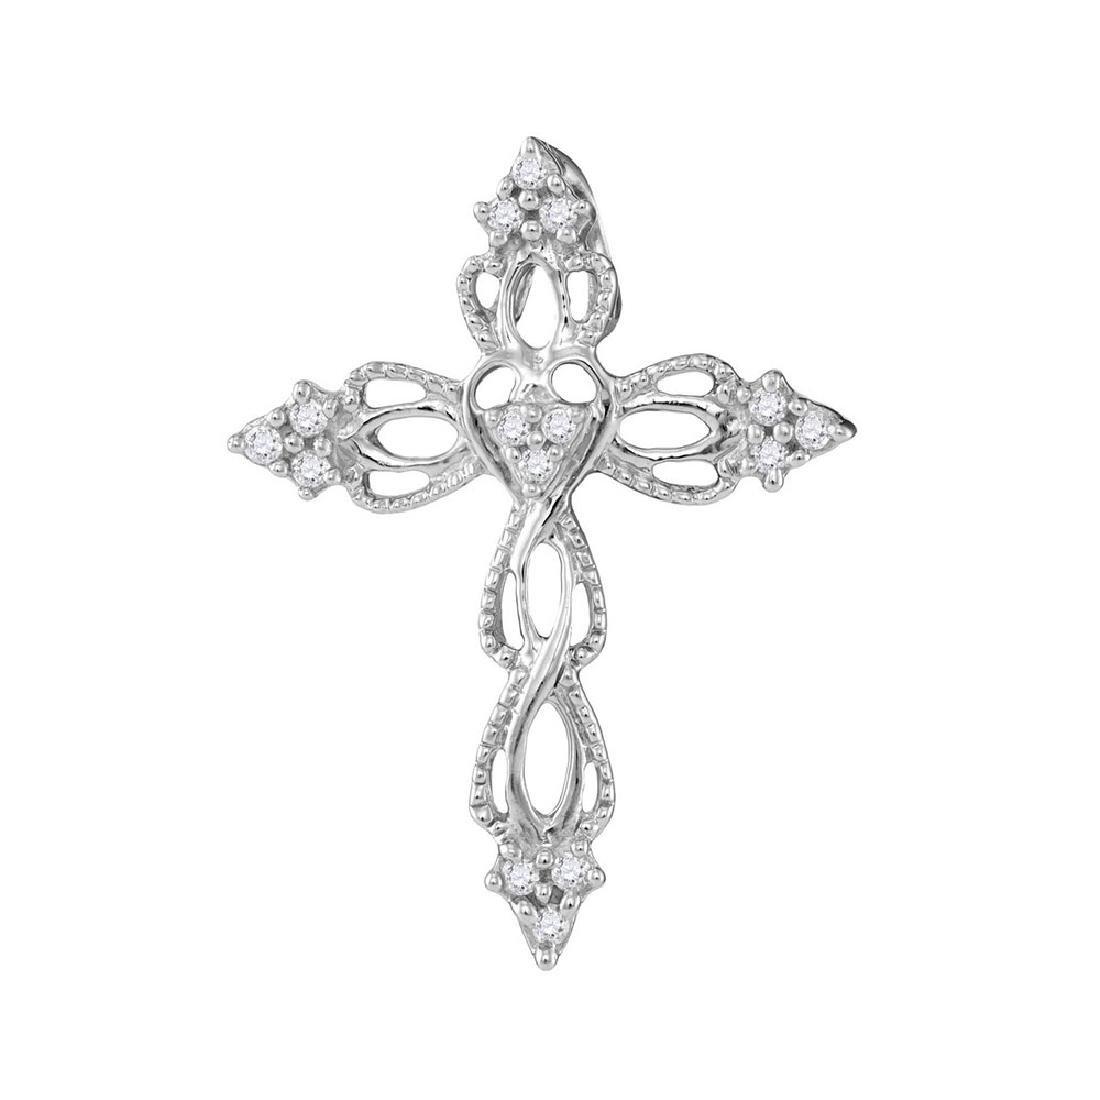 0.15 CTW Diamond Heart Cross Pendant 10KT White Gold -